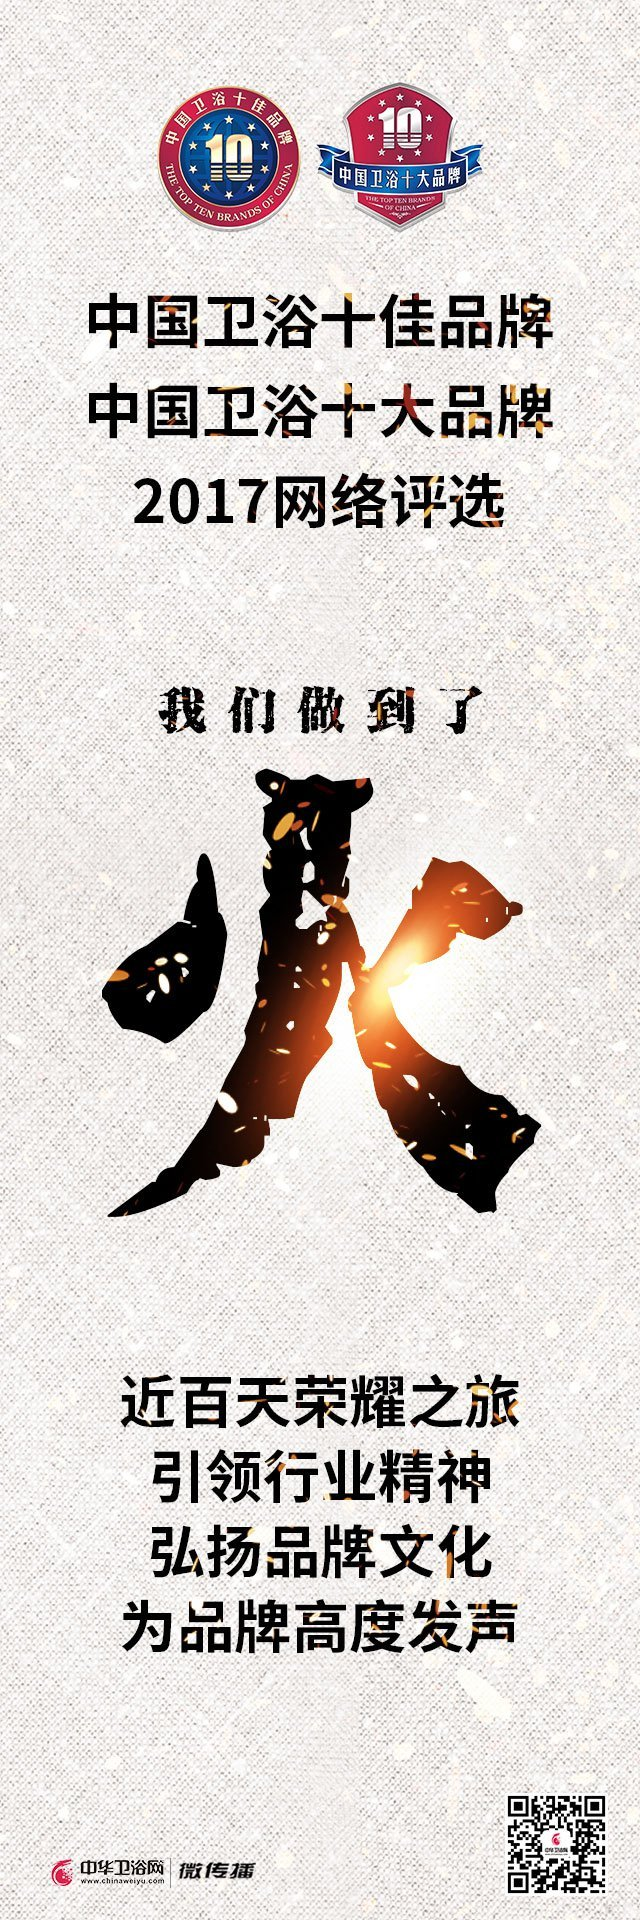 中国卫浴双十品牌-火